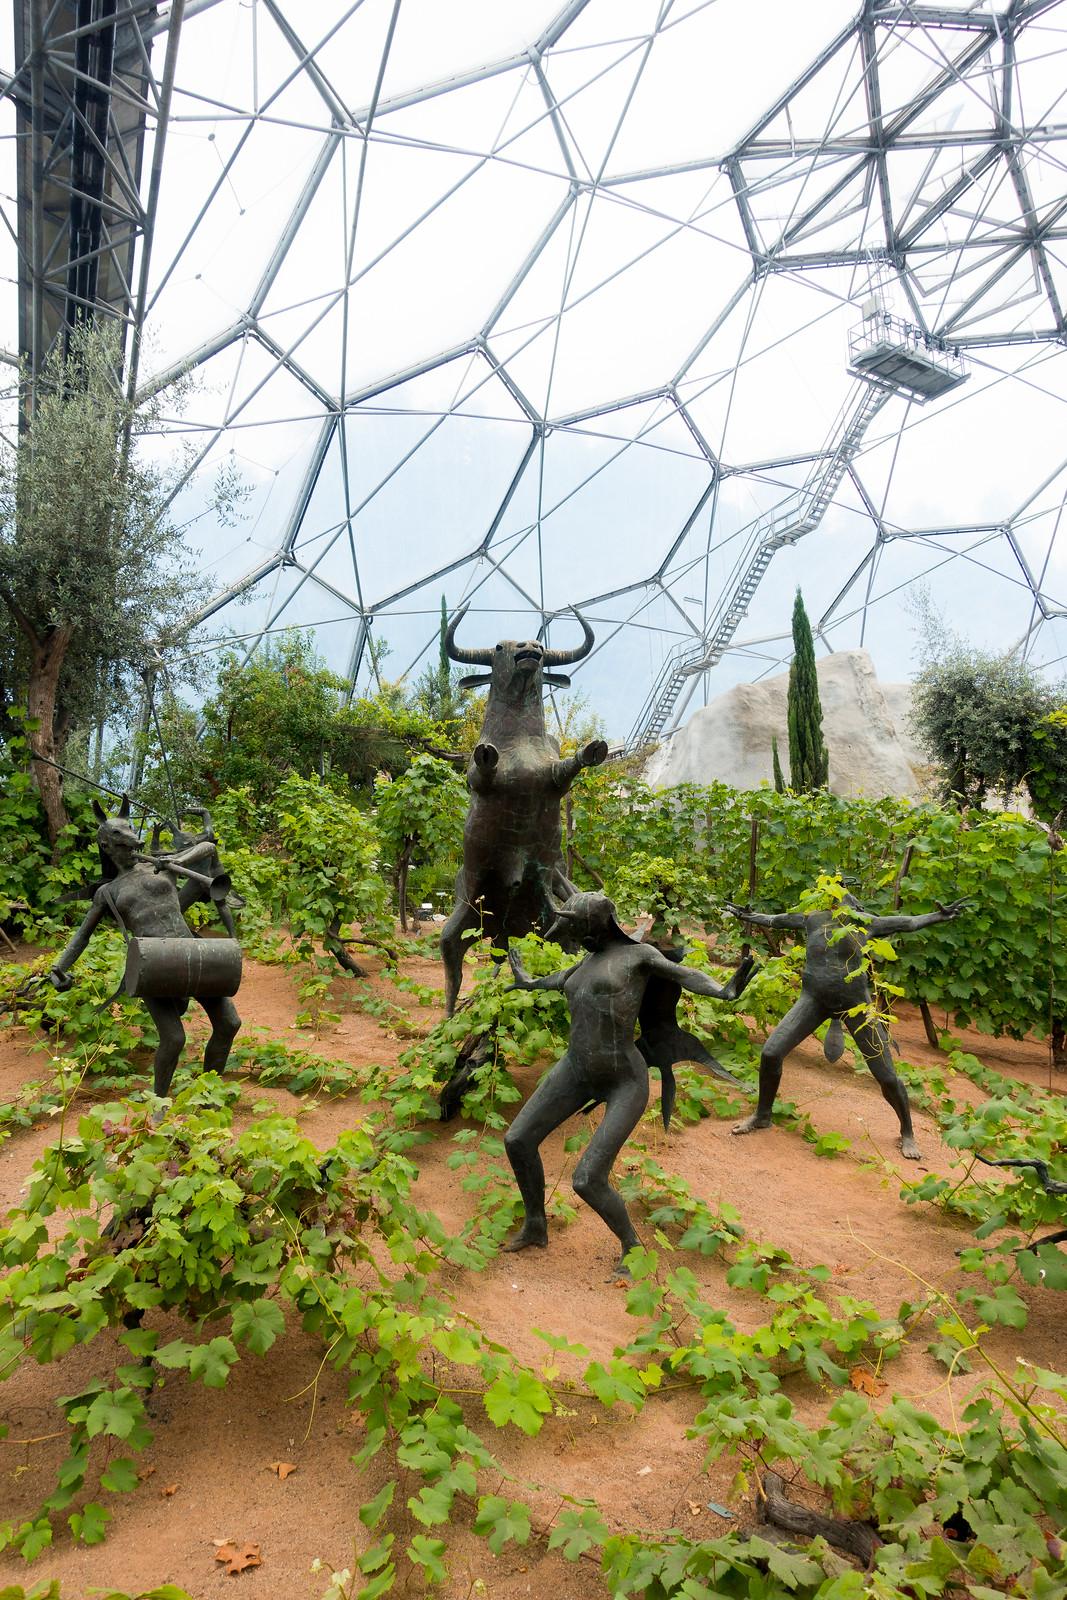 Eden Project